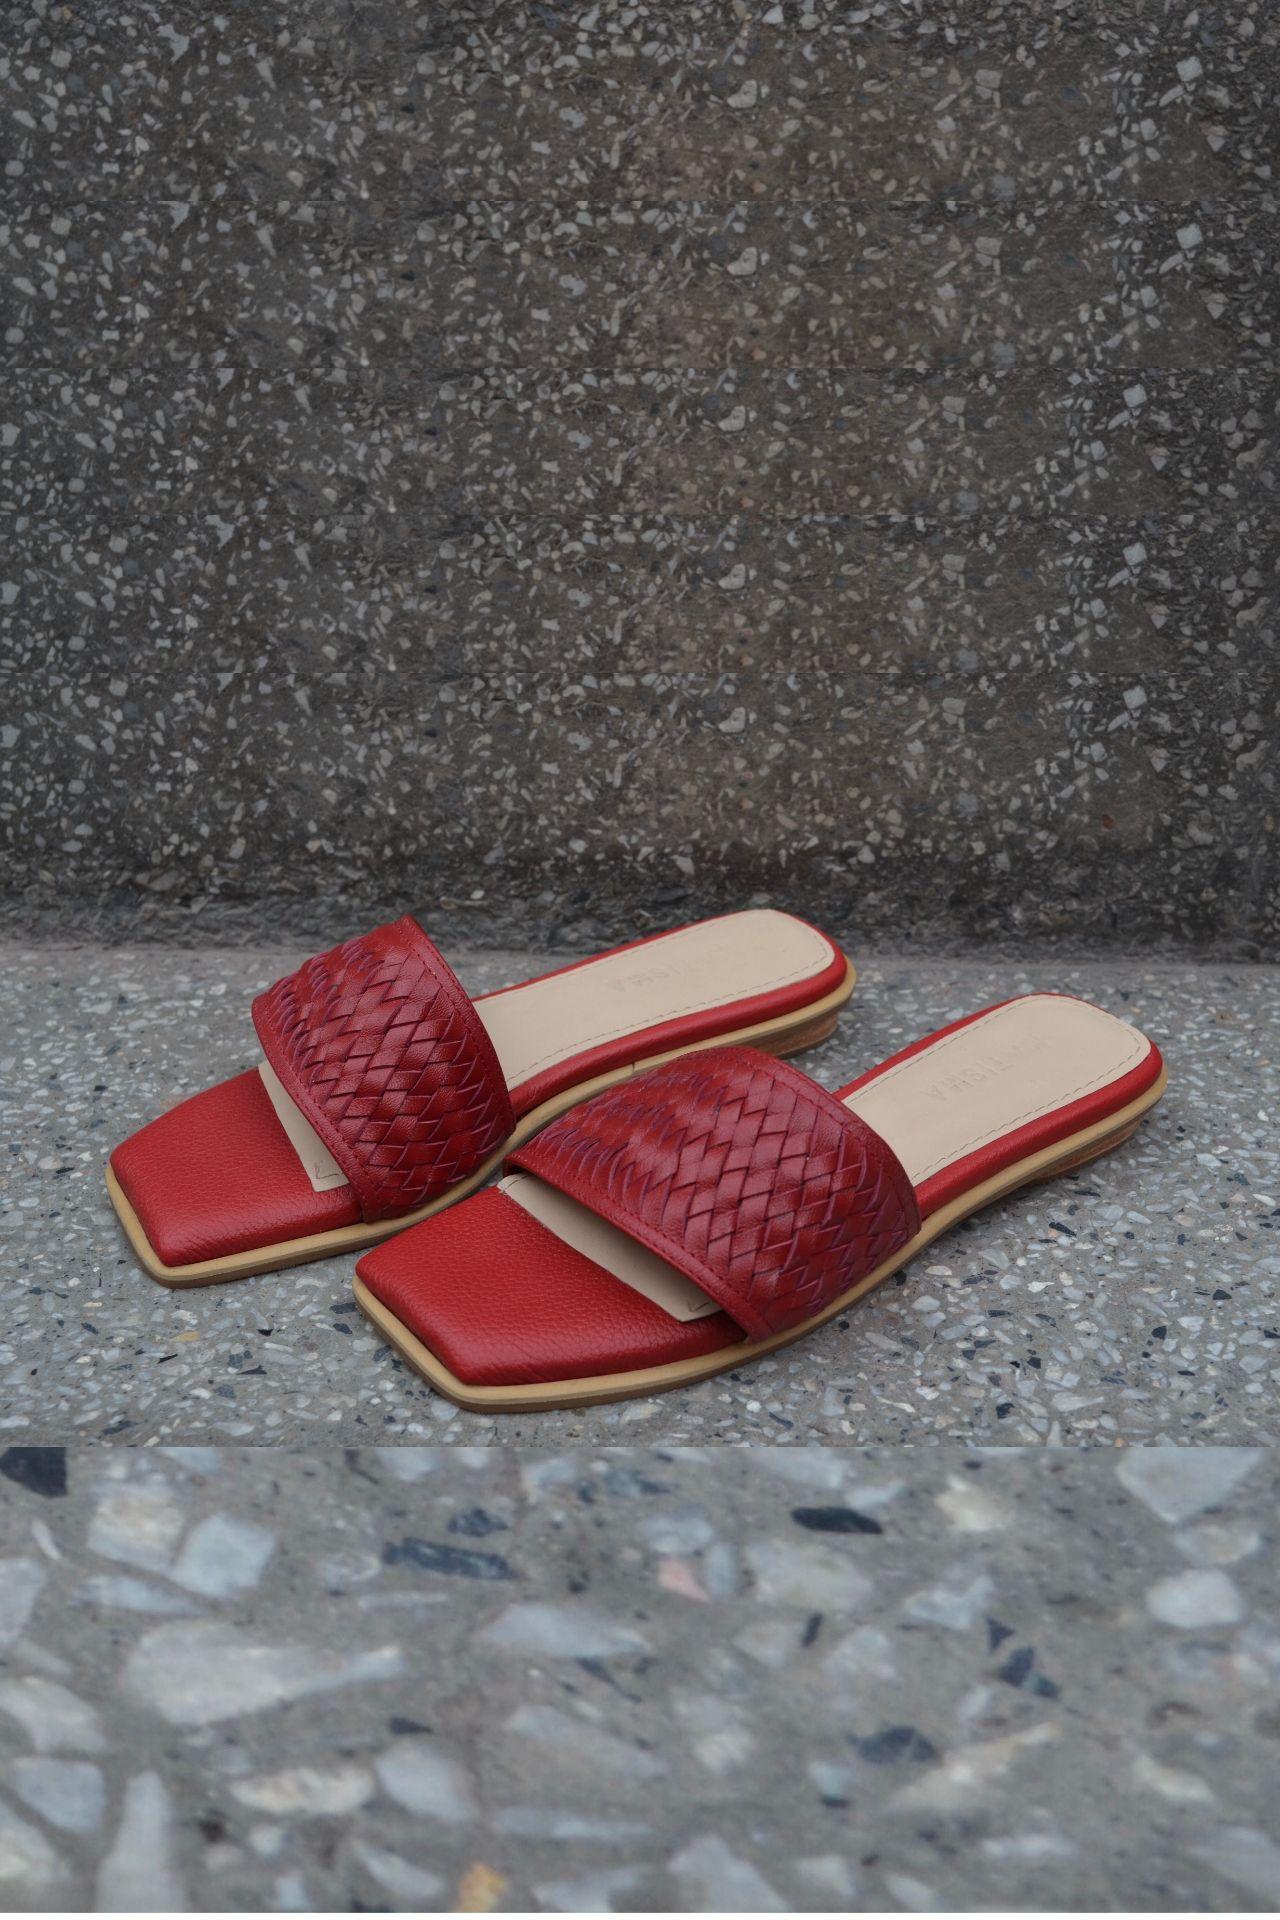 Sandalias de cuero con una franja de cuero tejido a mano.  * FRANJA HORIZONTAL: 5,5CM - TACO DE 1,5CM